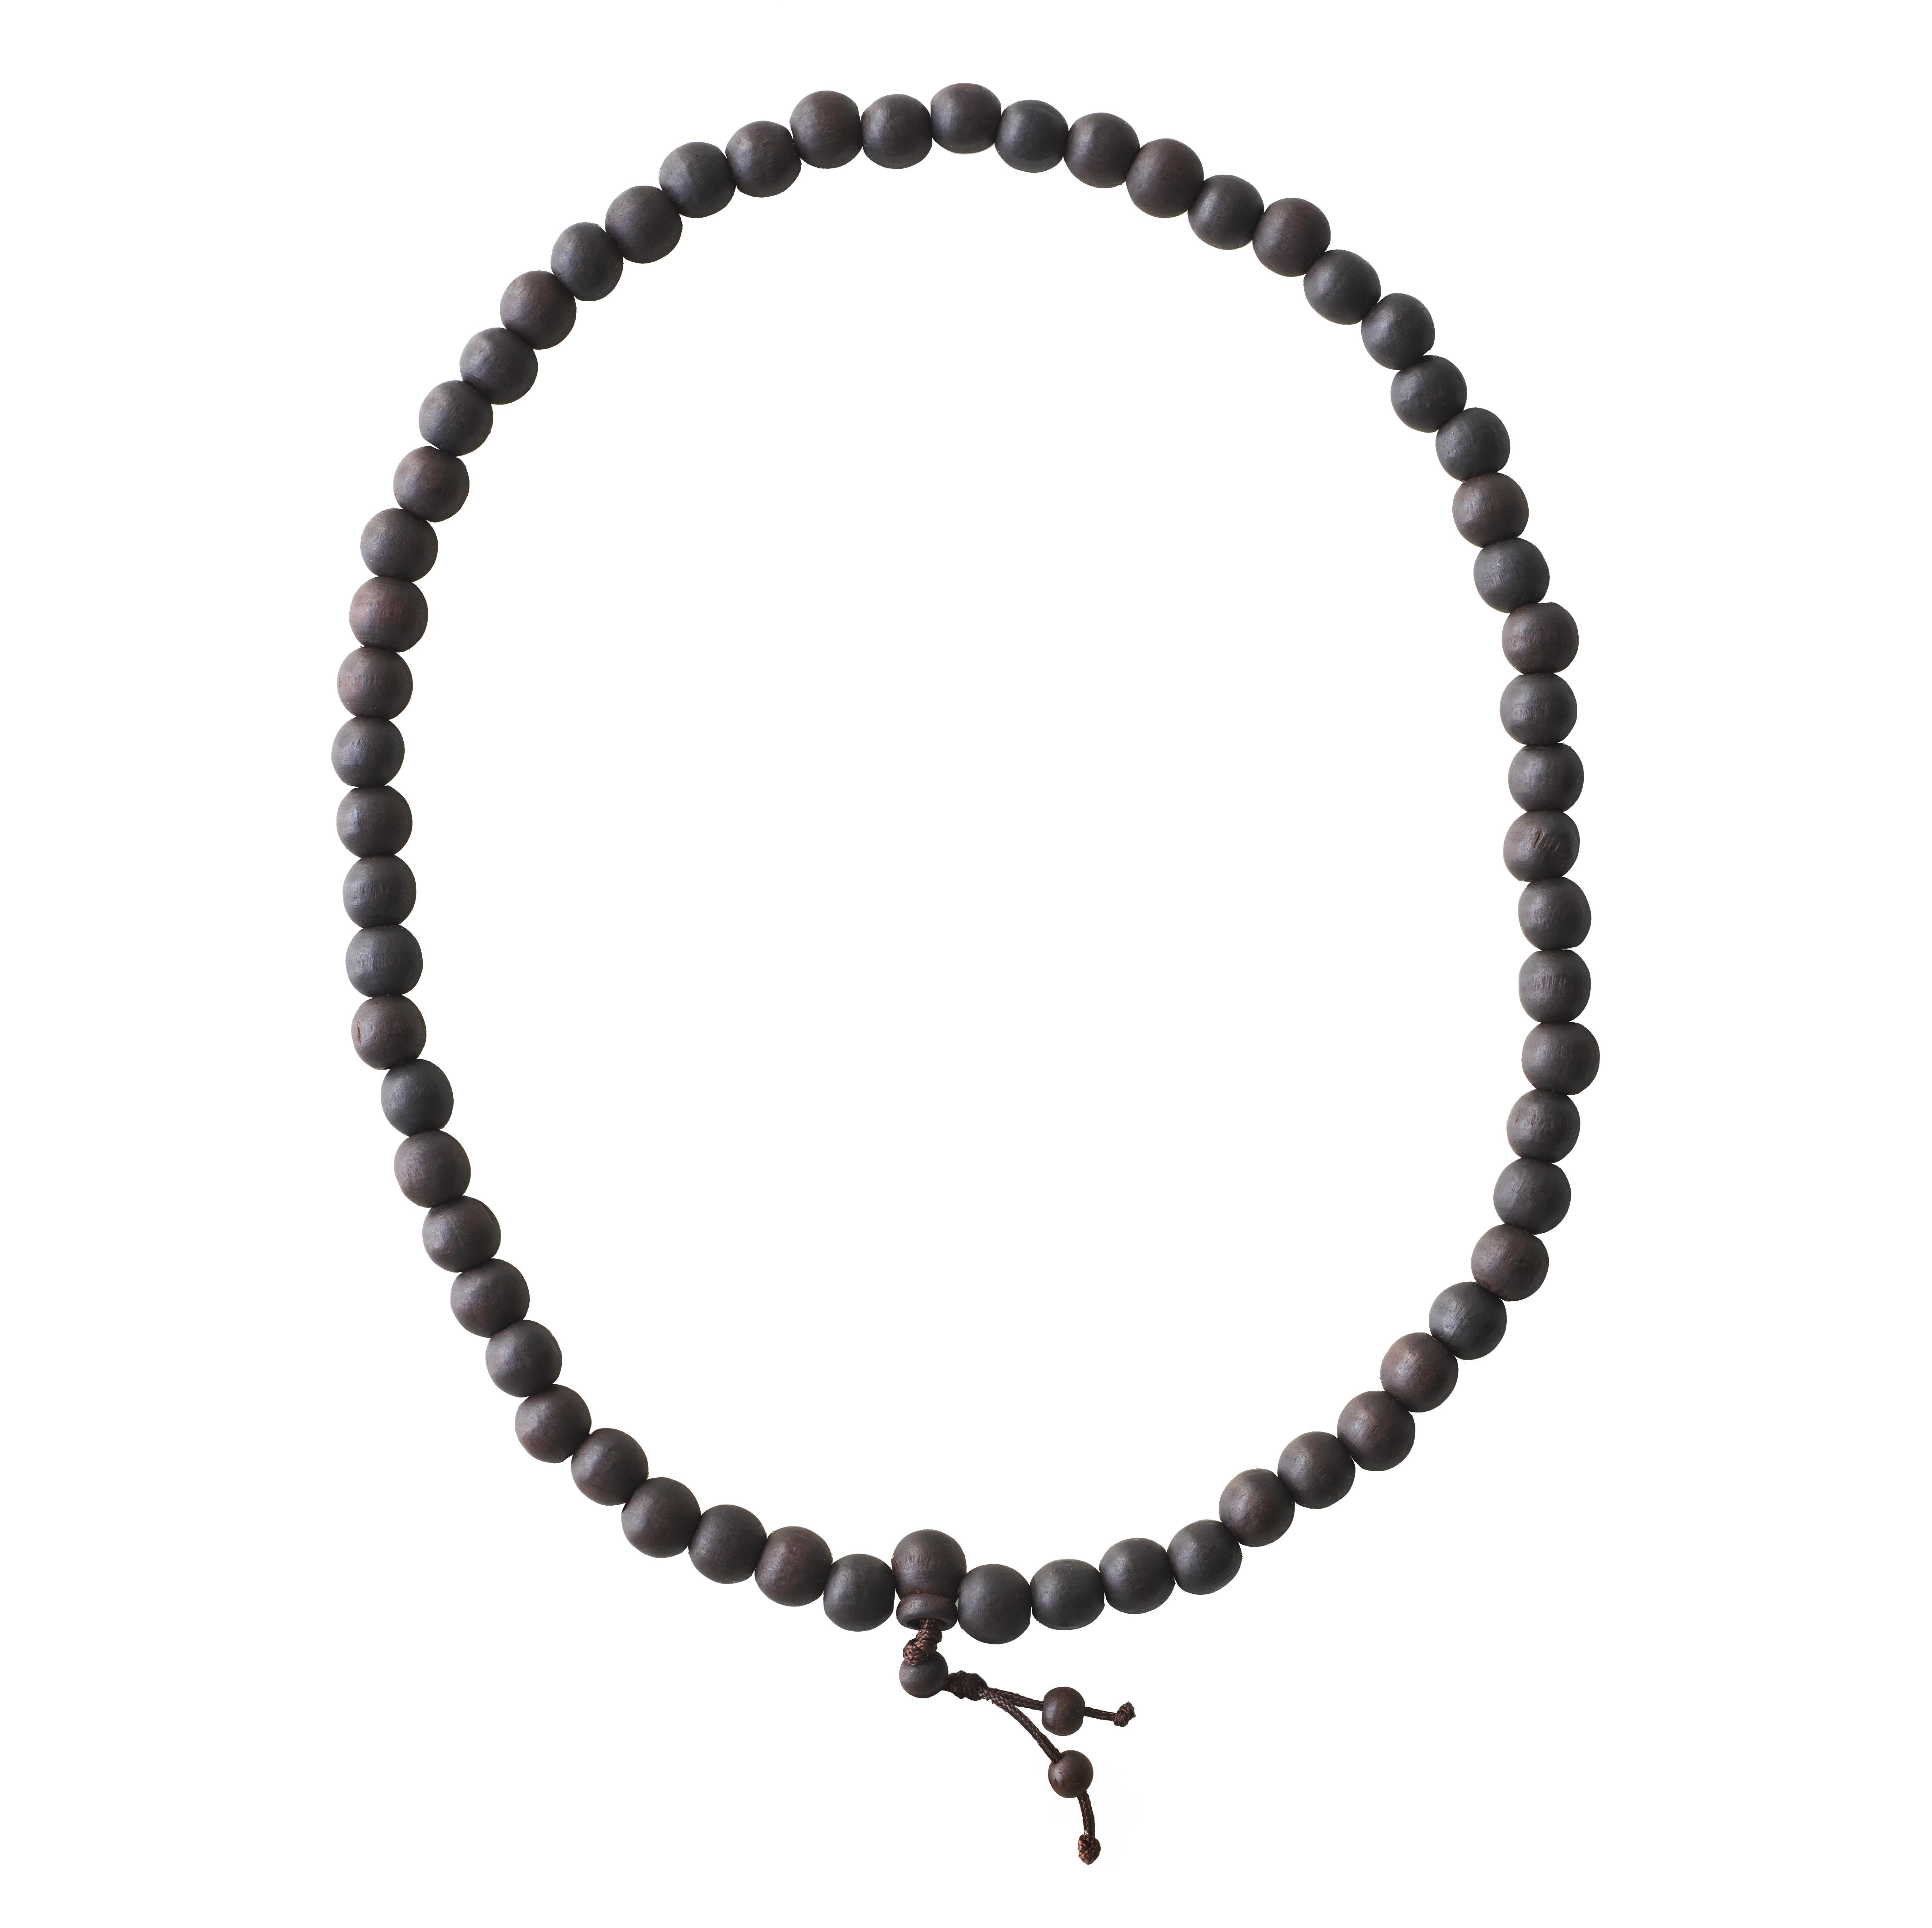 2018-0408_dark-necklace-034_NO-COIN